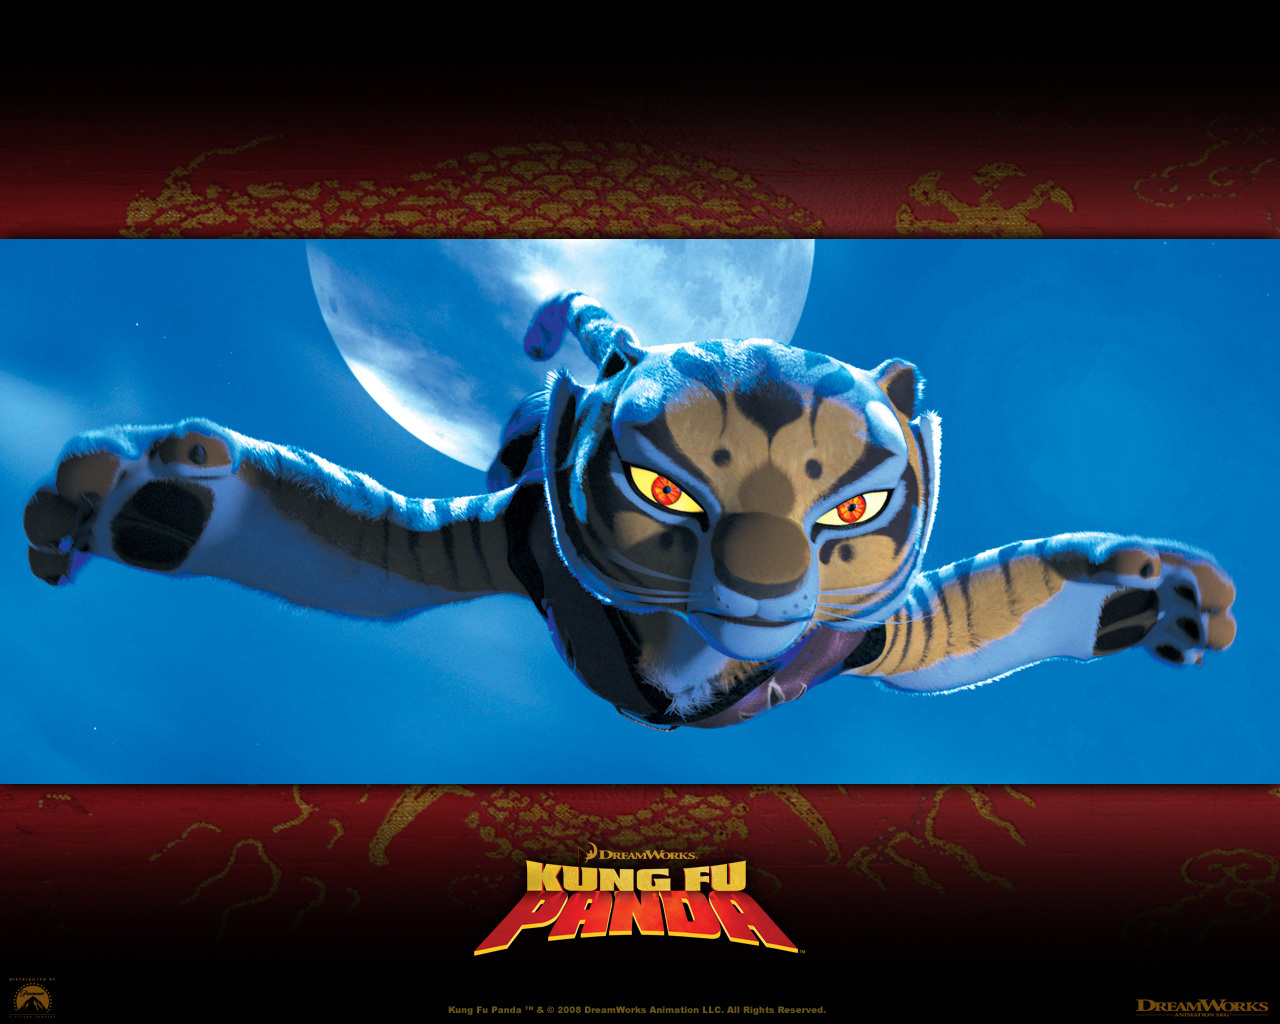 kung fu panda 2 images wallpaper hd wallpaper and